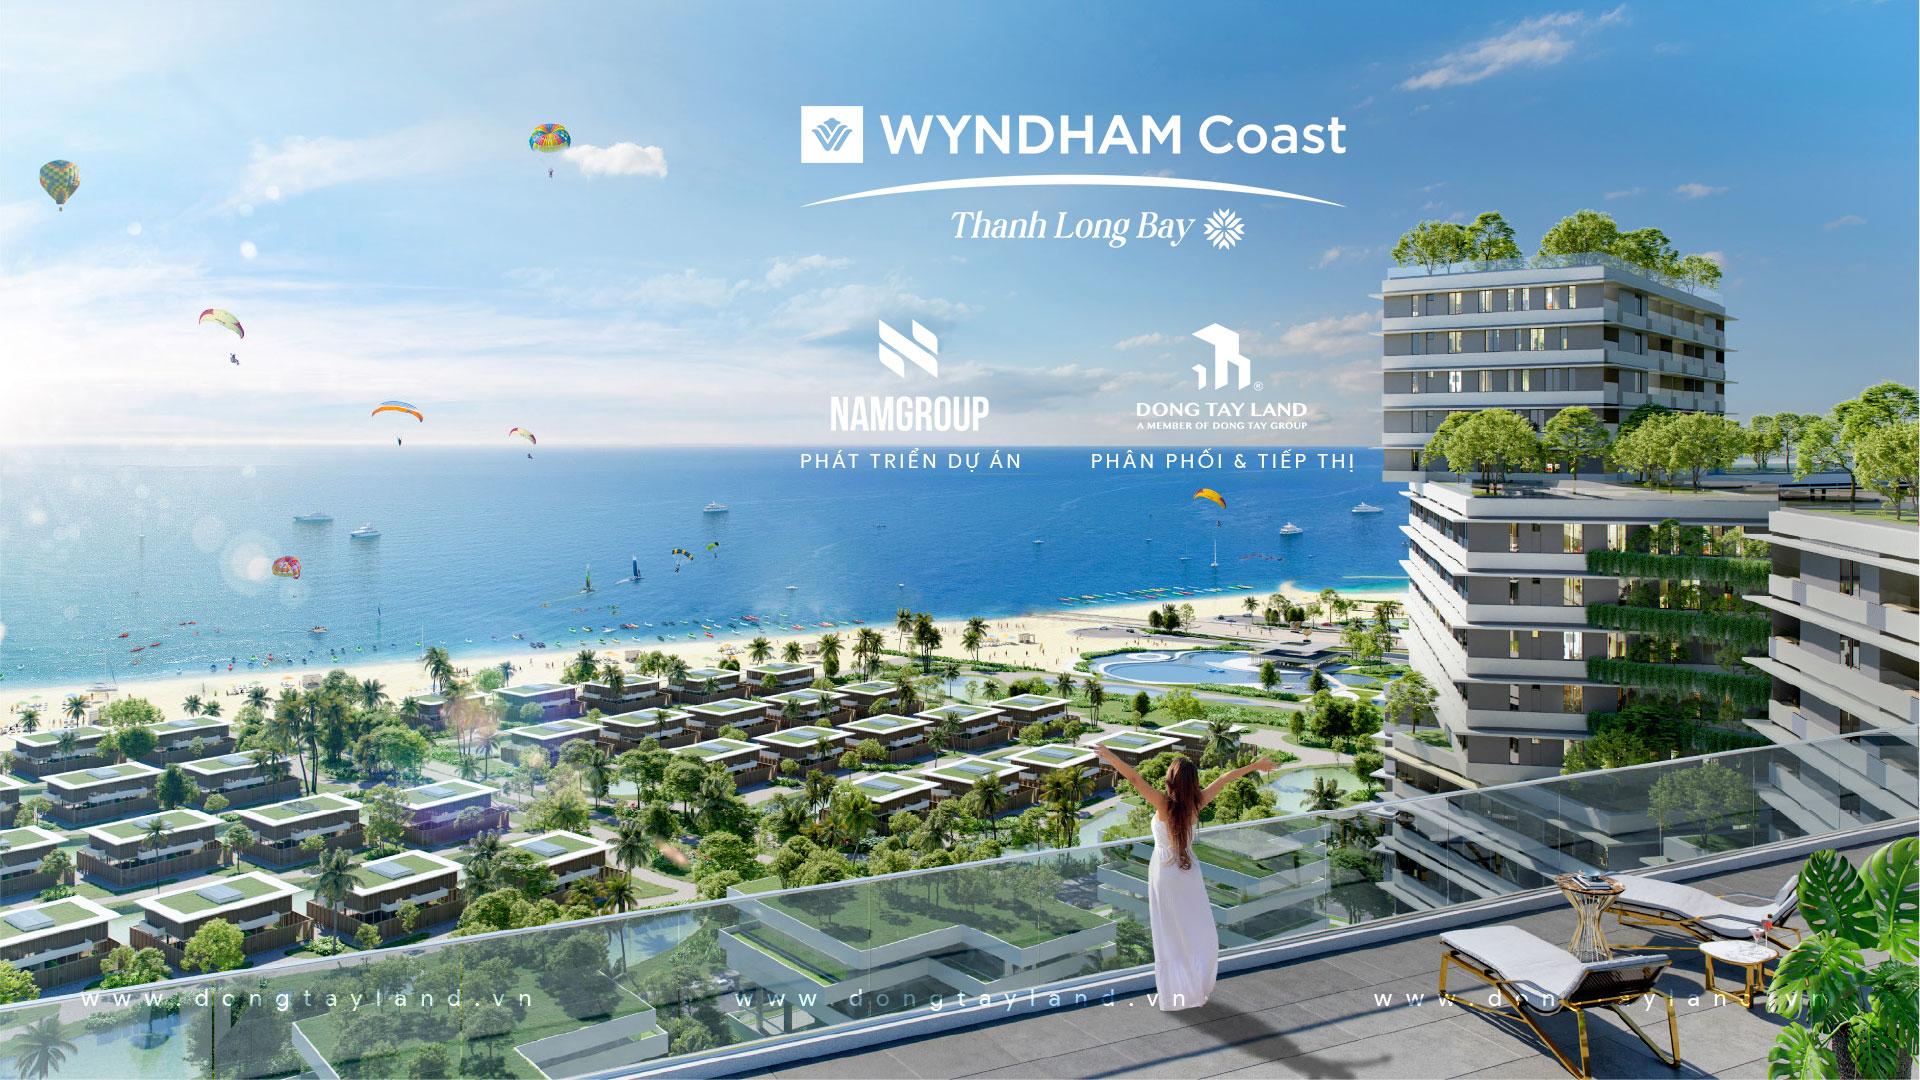 Căn hộ view biển Wyndham Coast by Thanh Long Bay